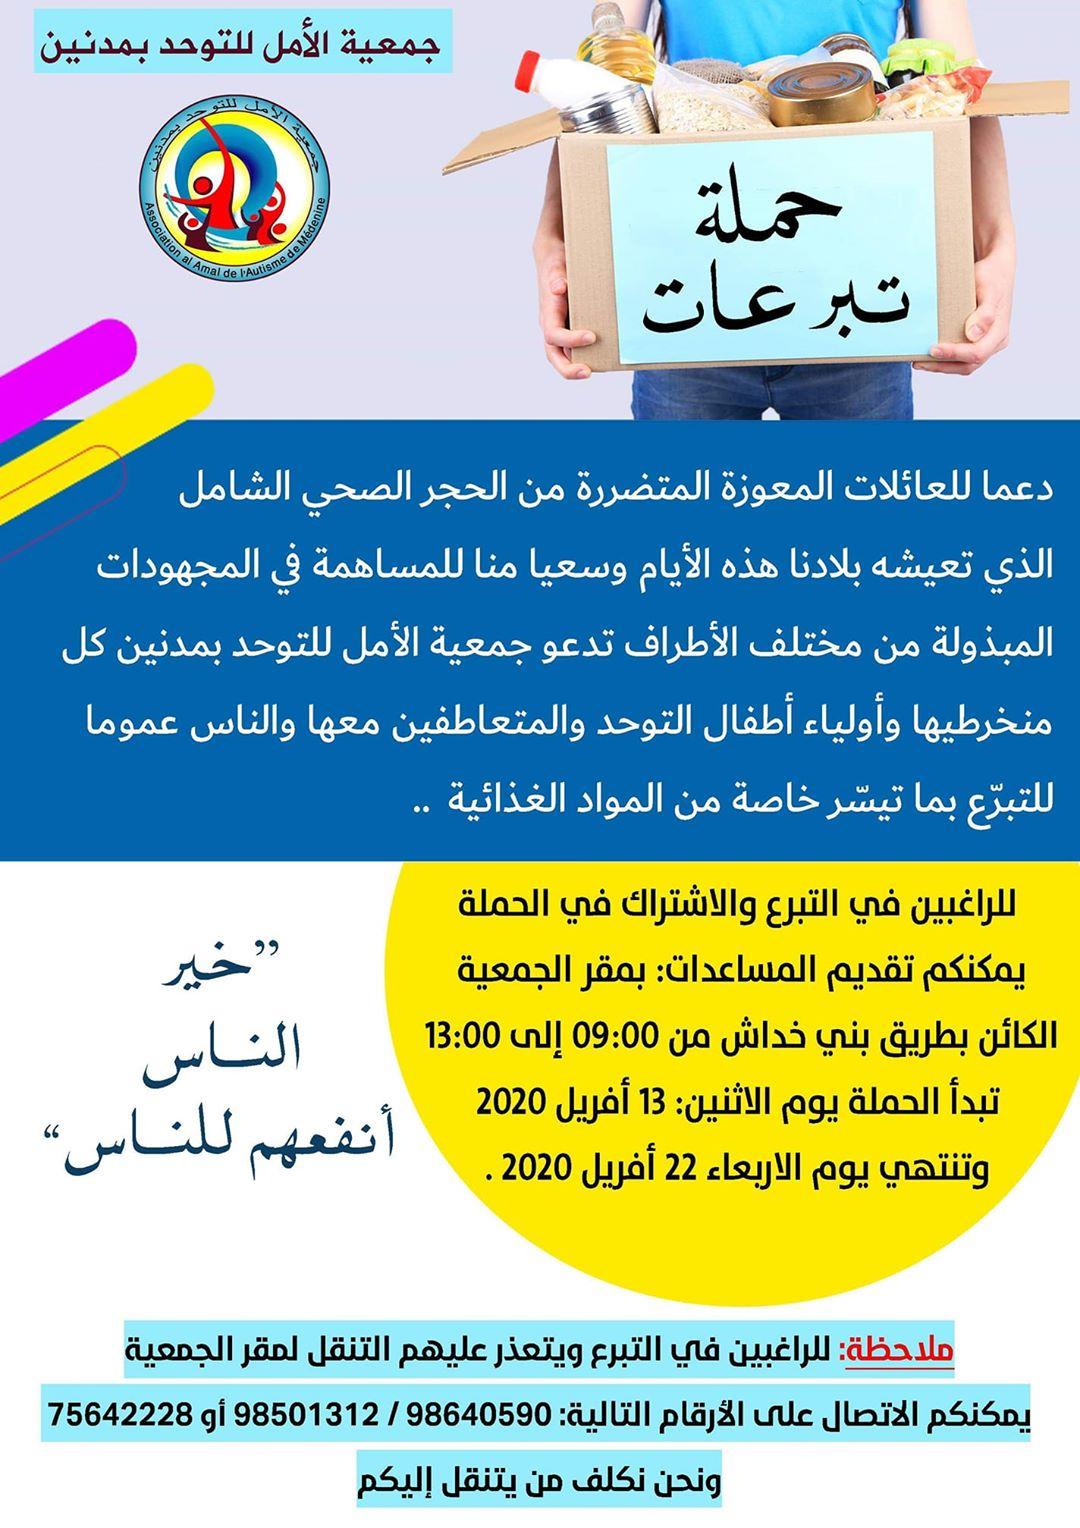 جمعية الأمل للتوحد بمدنين : حملة تبرعات دعما للعائلات المعوزة